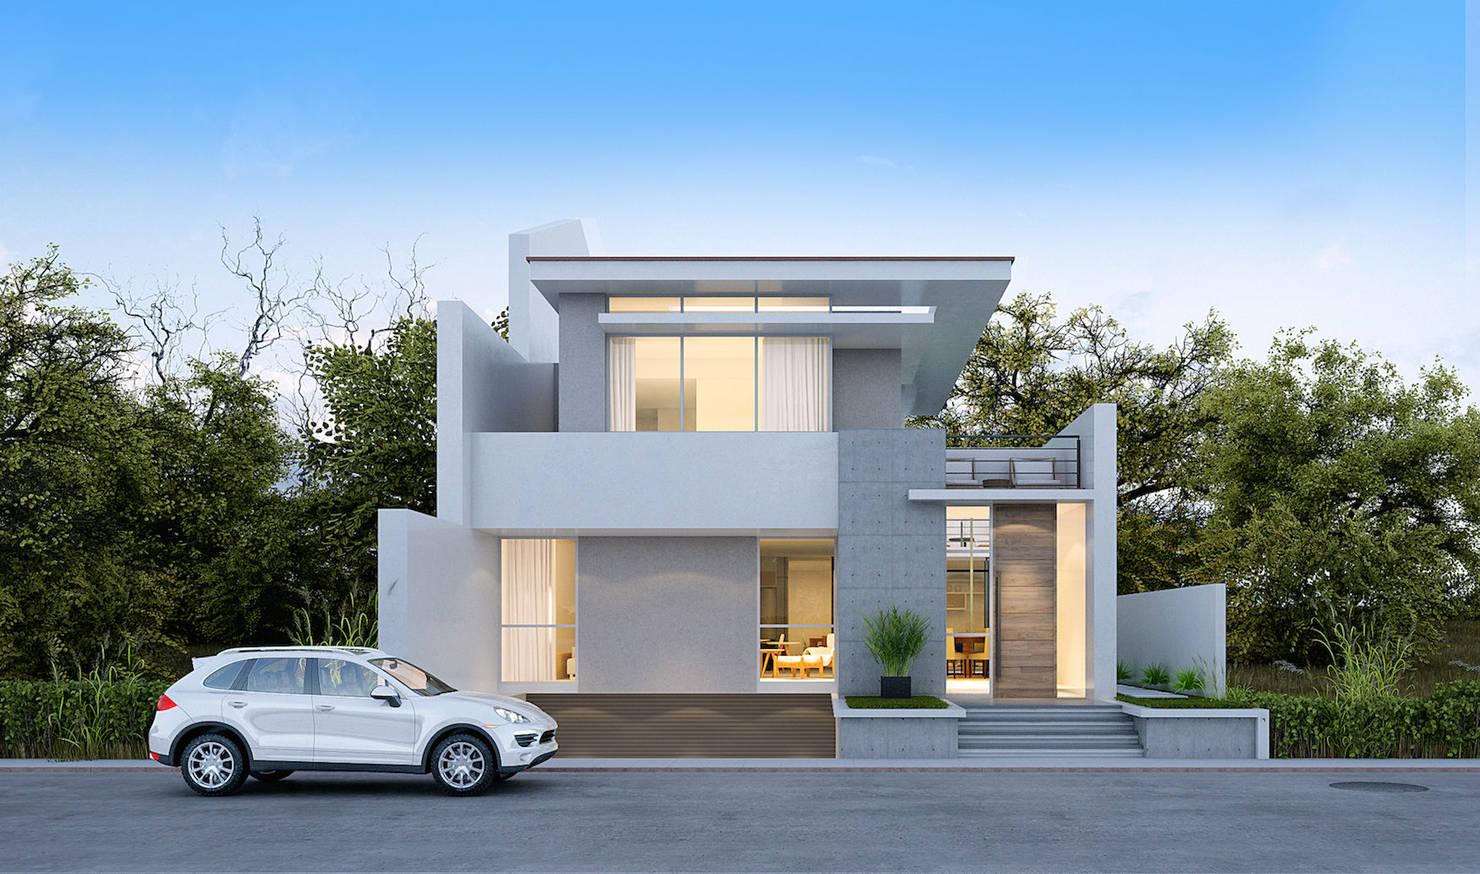 9 projetos de fachadas que vão te inspirar a fazer a sua